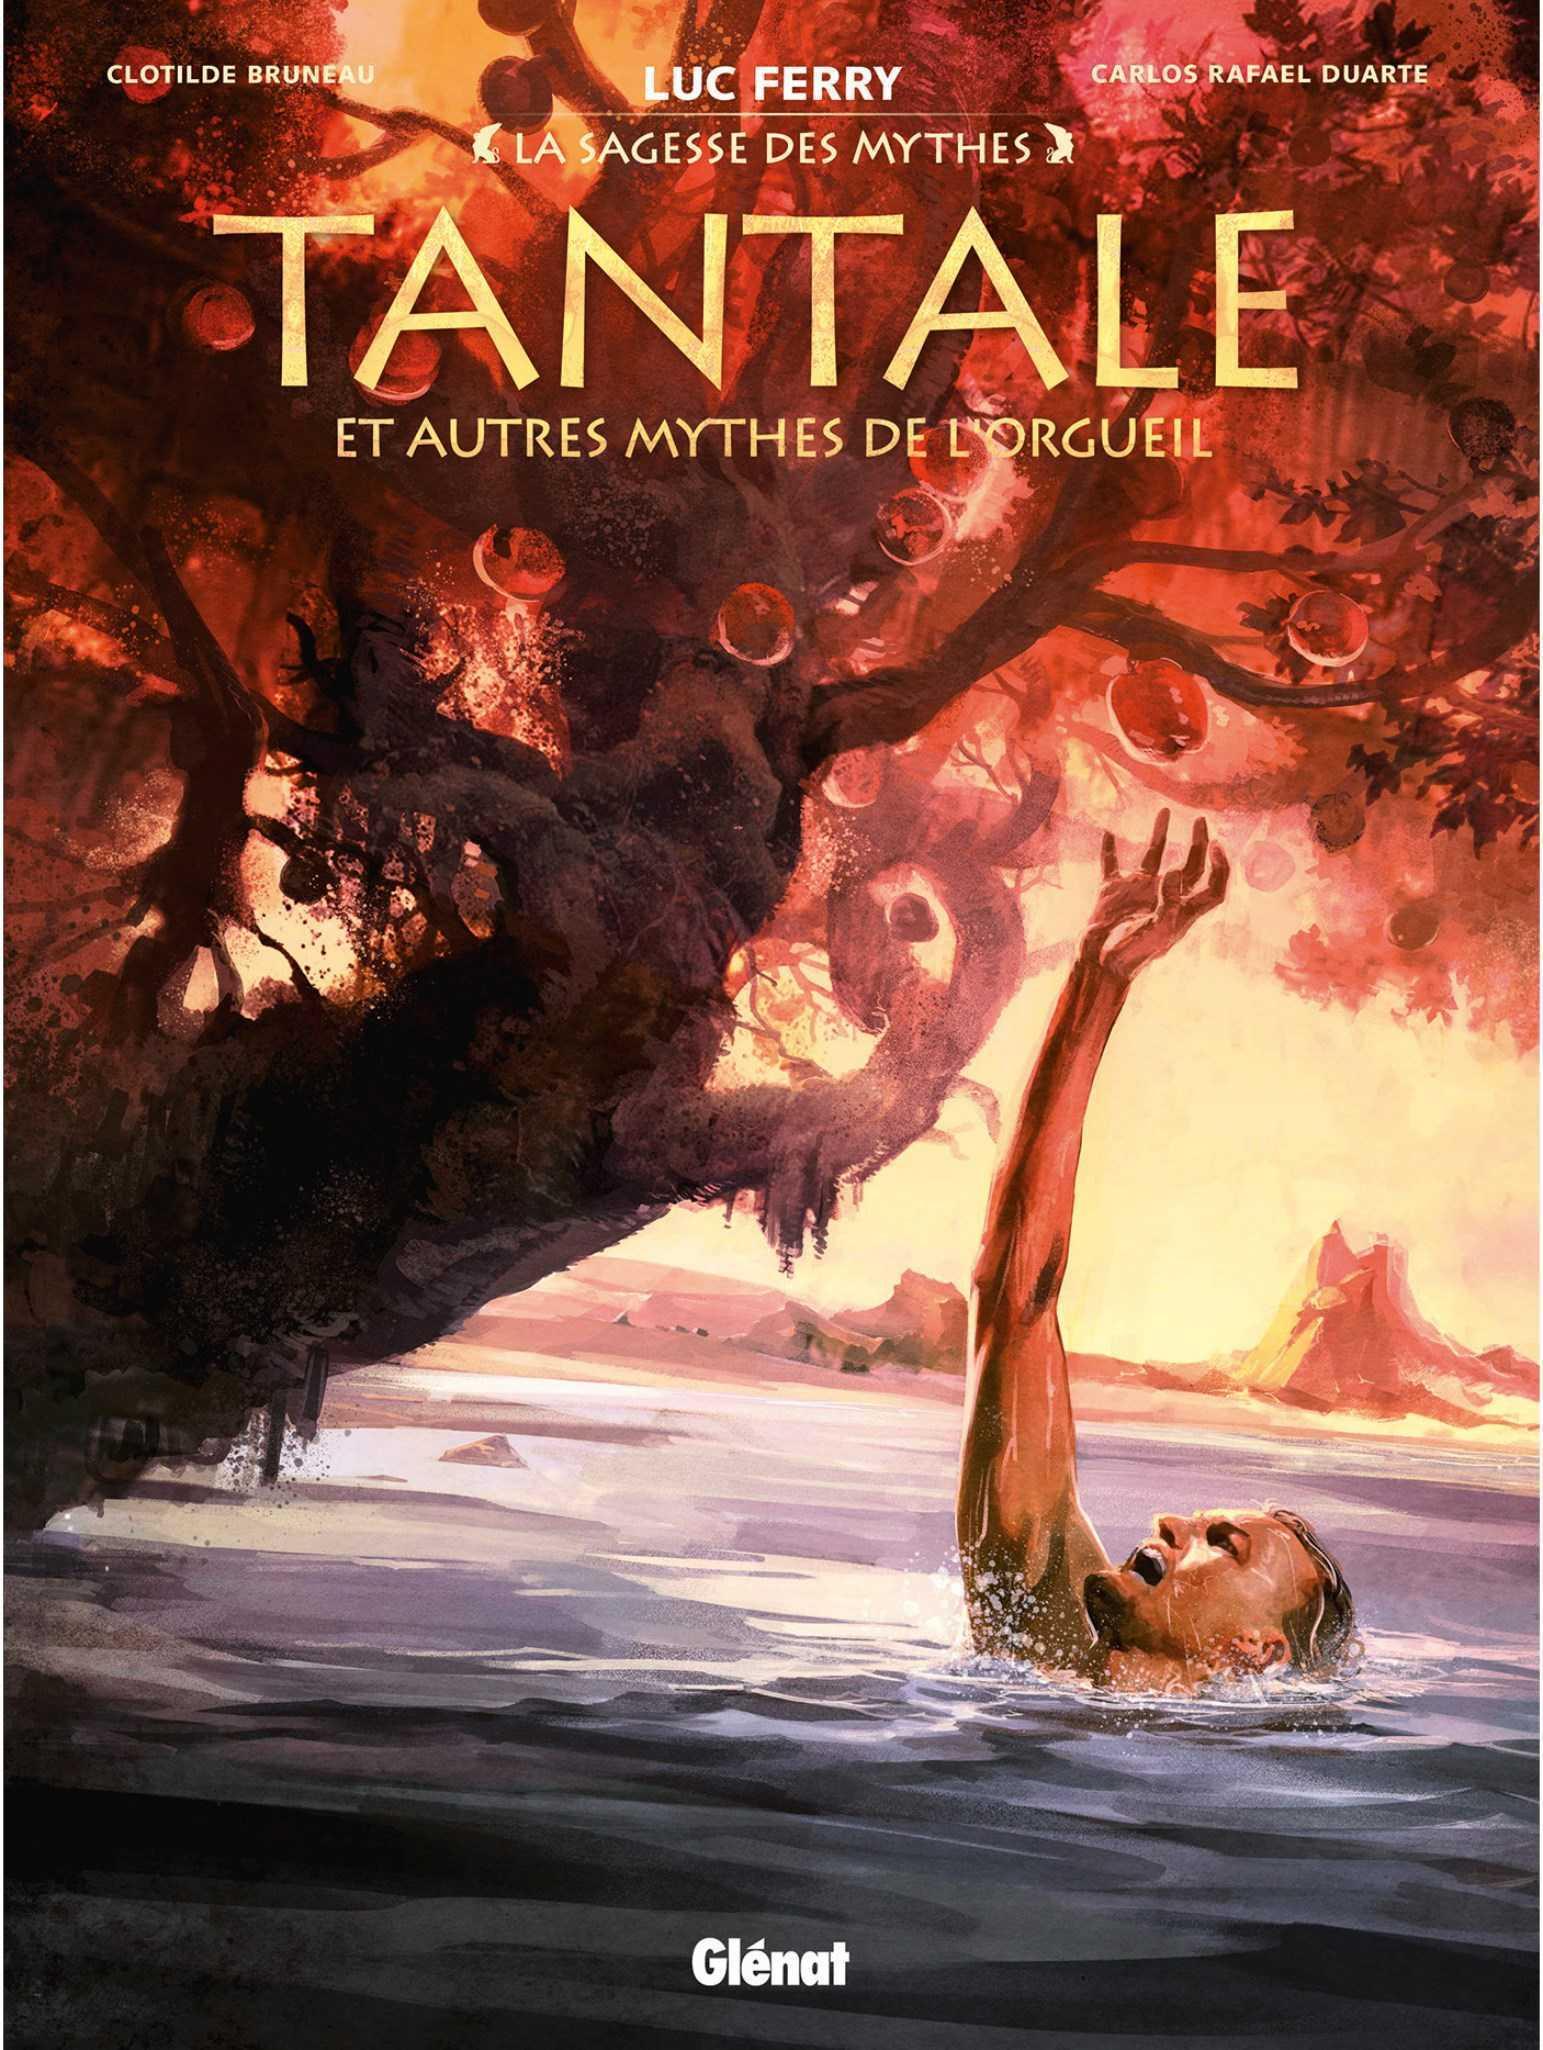 Fin du voyage pour Jason et Tantale arrive dans La Sagesse des mythes